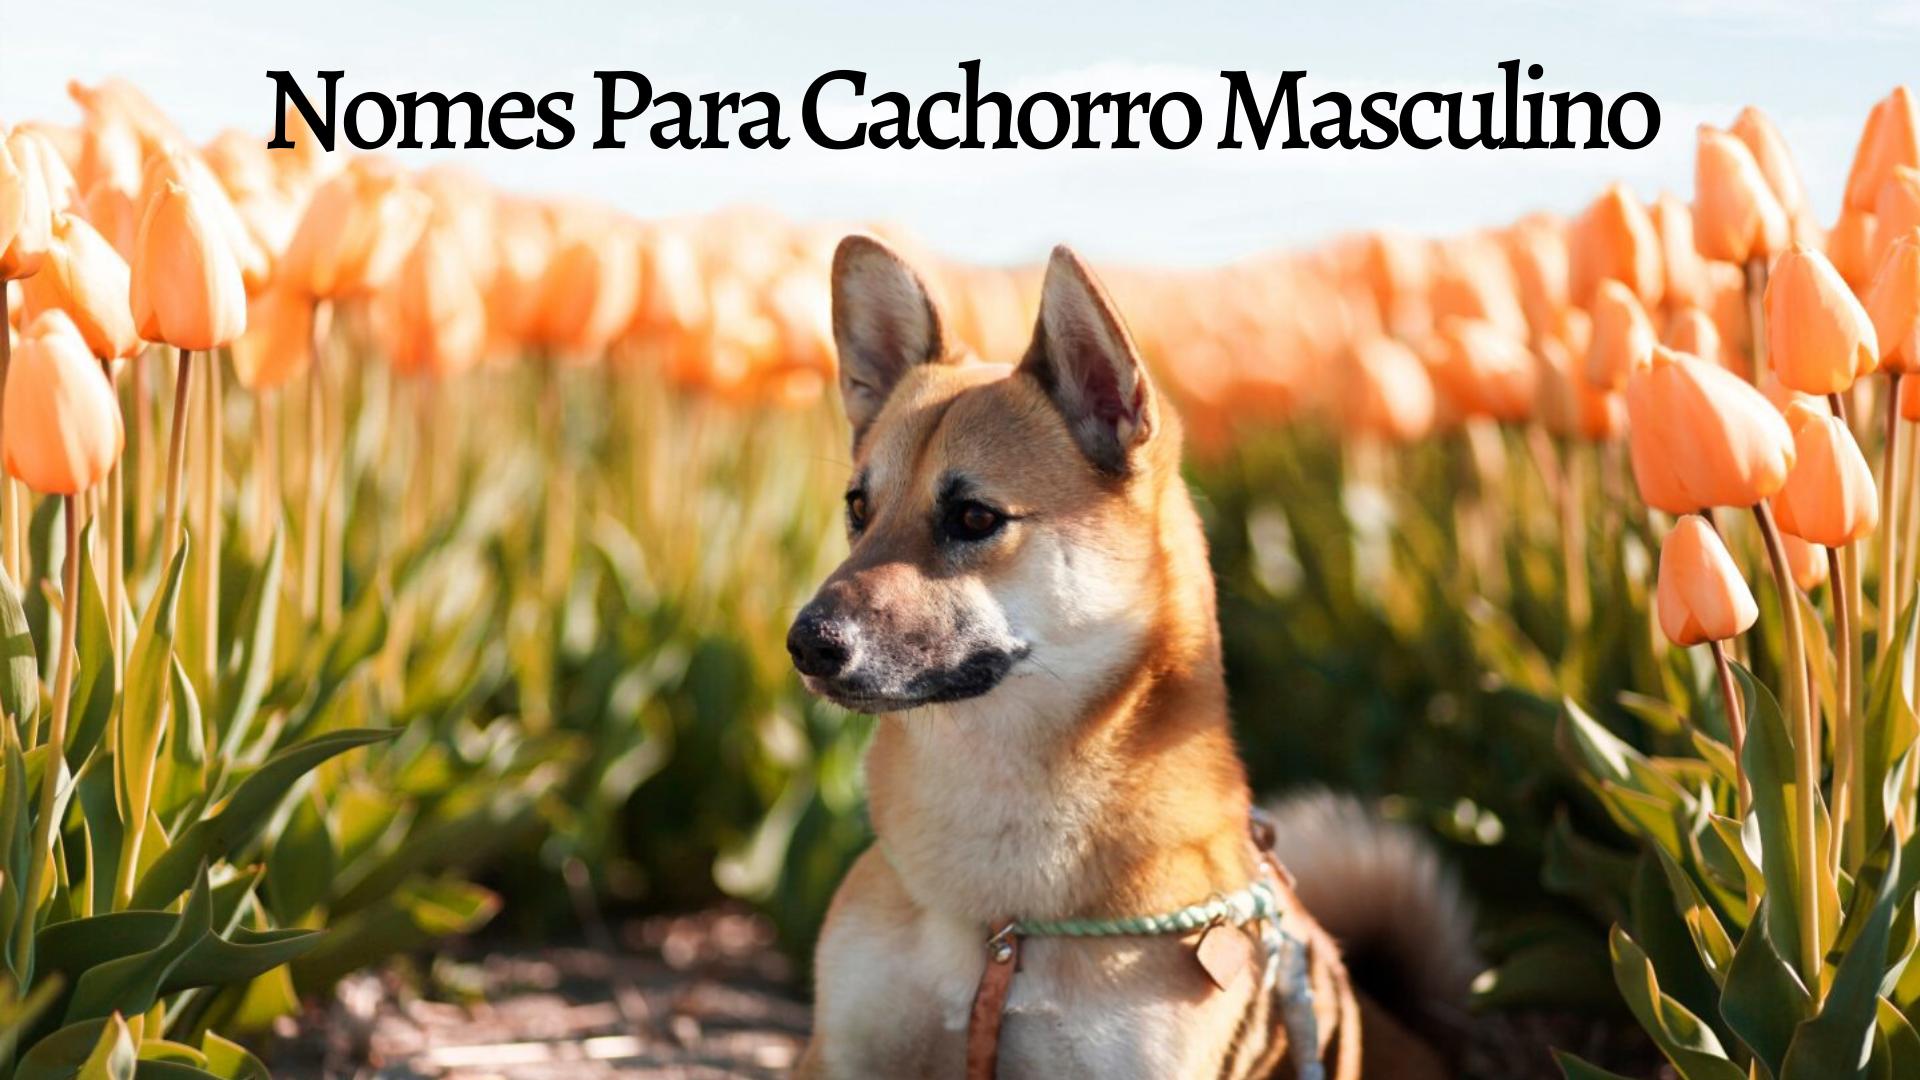 cachorro em uma imagem escrita nomes para cachorro masculino